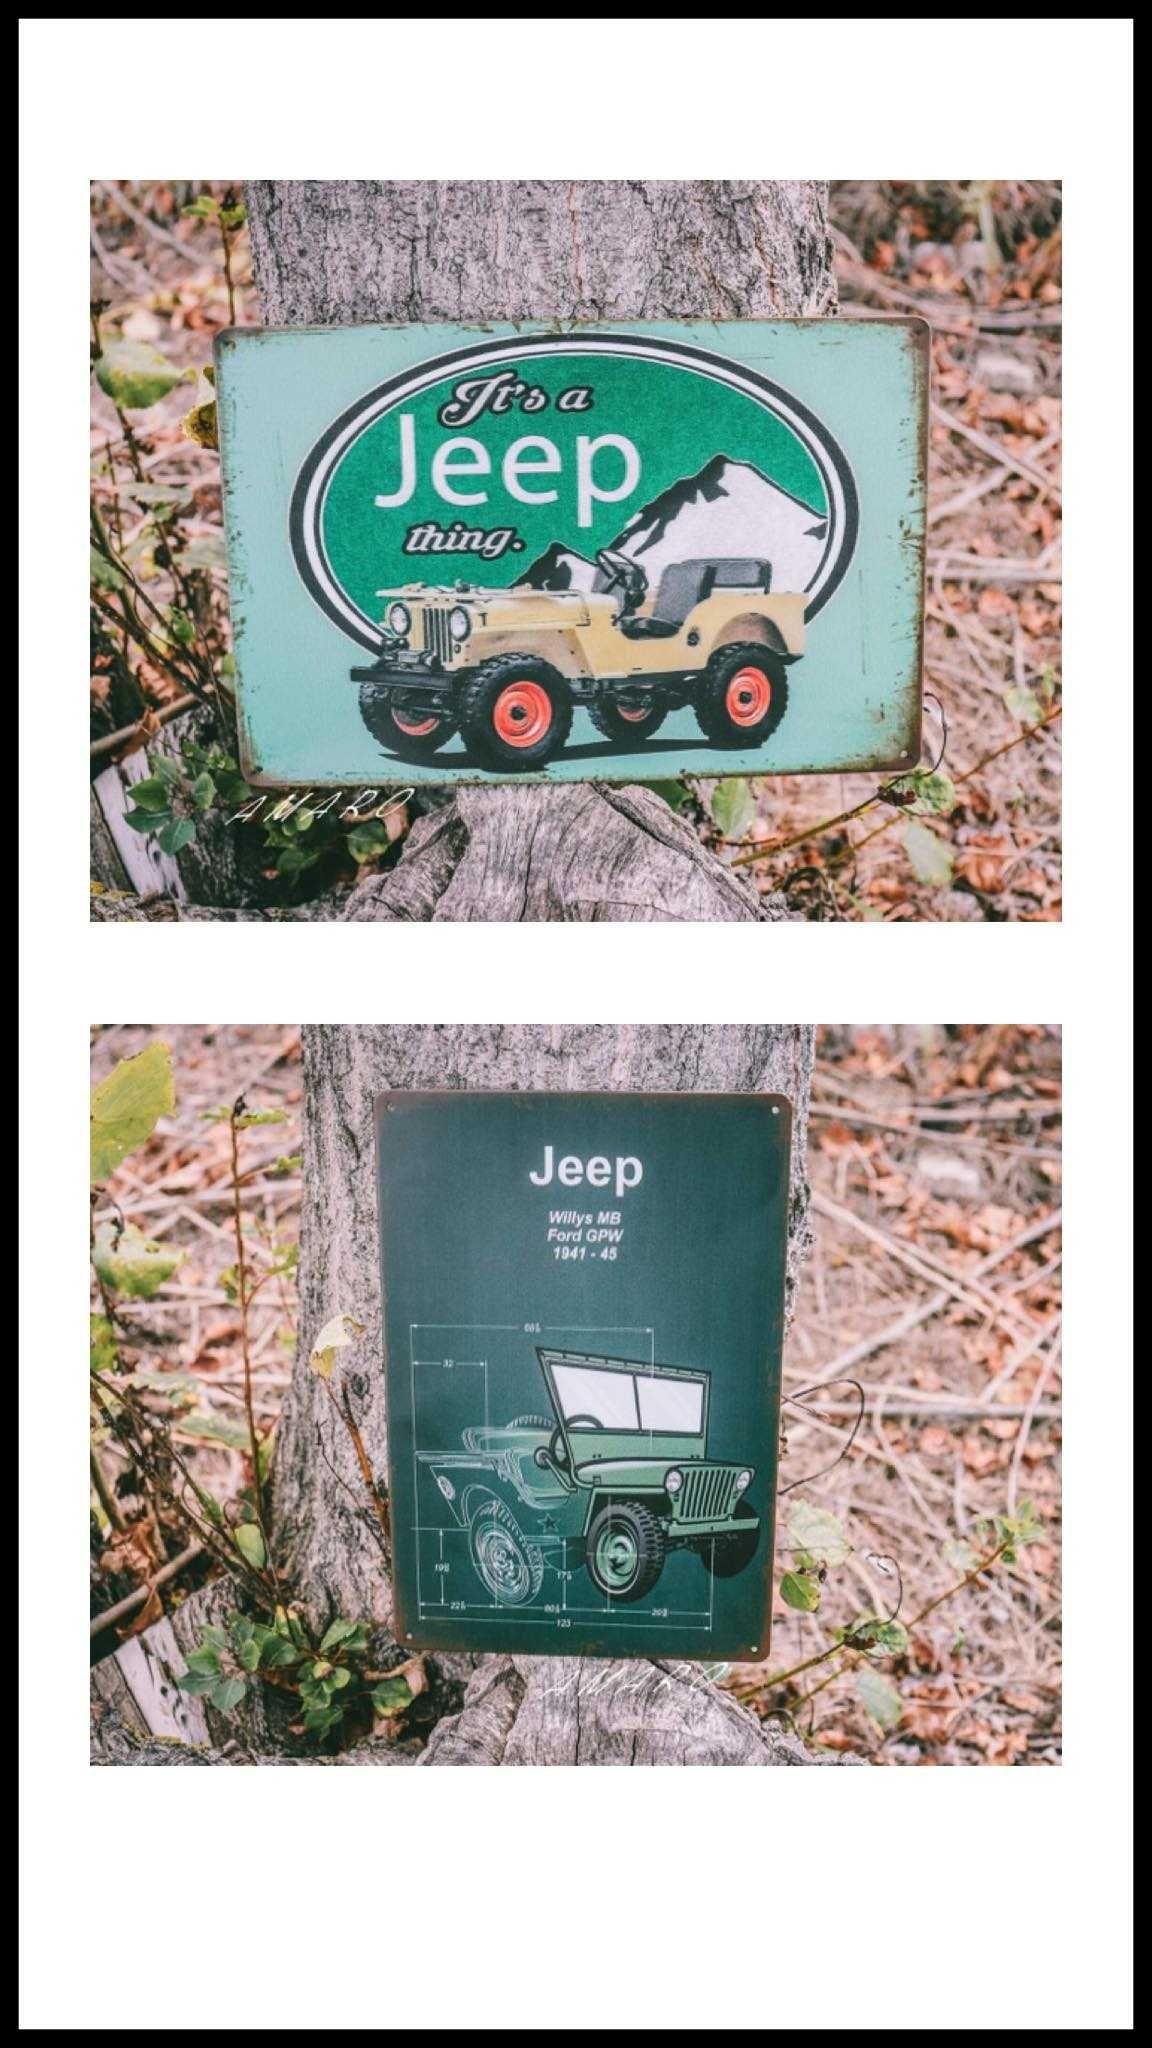 Placa/Chapa de Metal Vintage Retro Jeep Willys (2 Modelos)|NOVAS